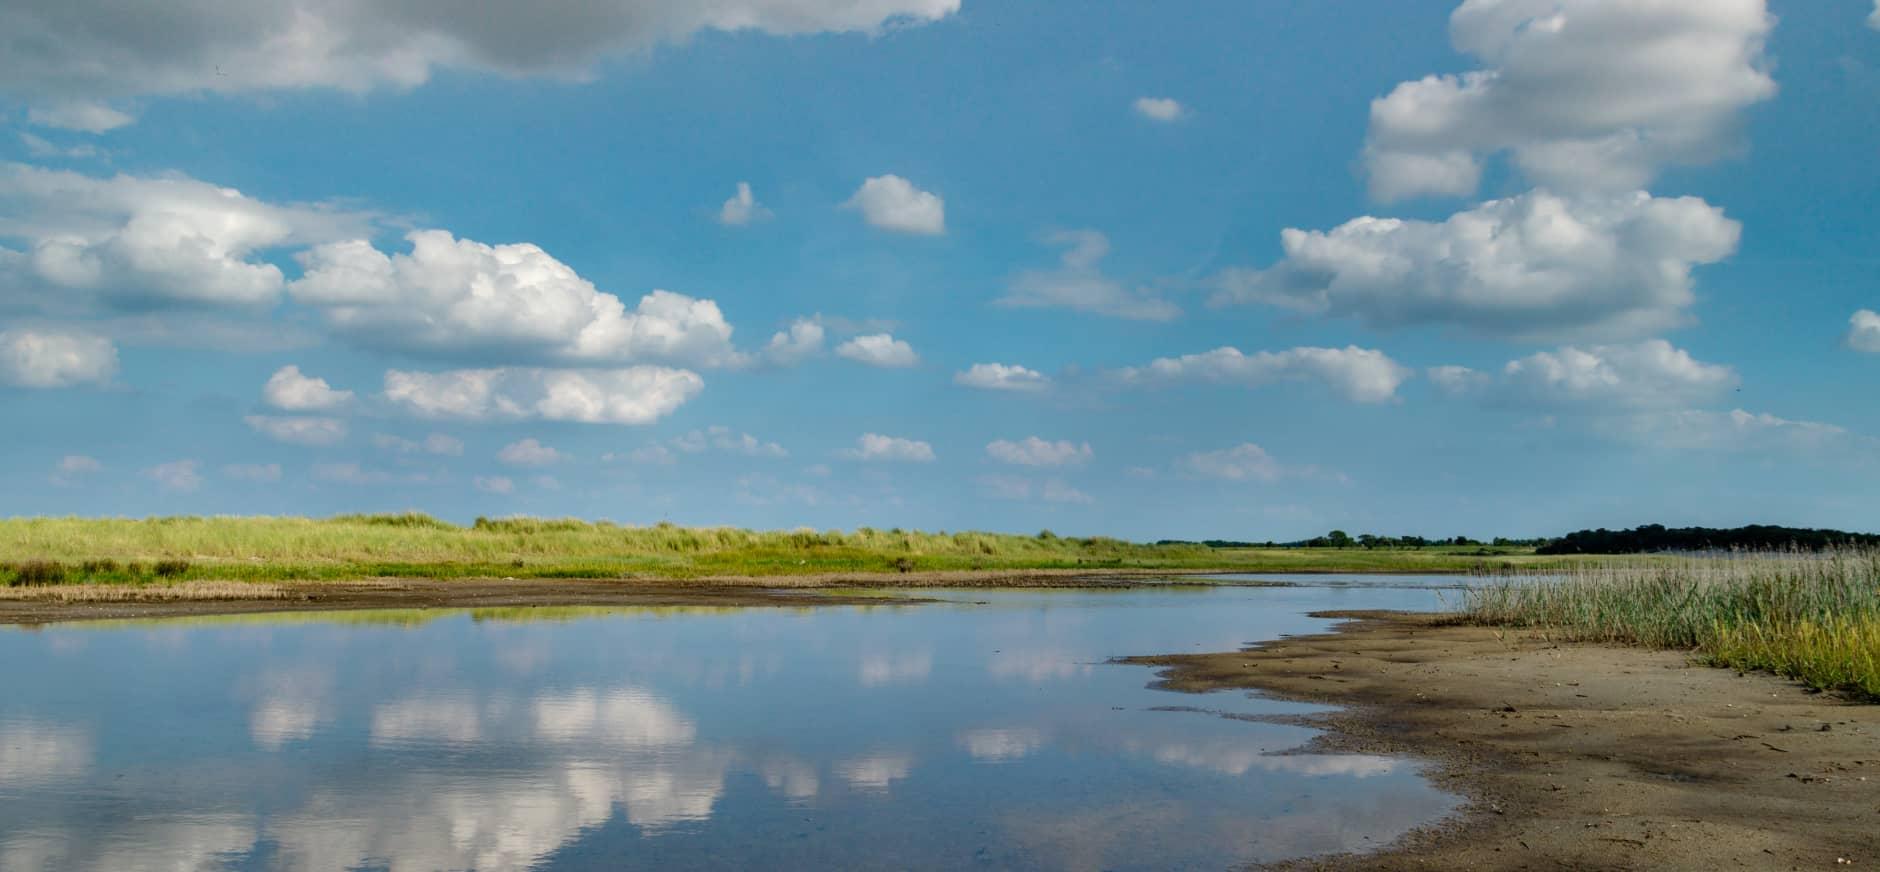 Natuurorganisaties willen betere bescherming Noordzee-kustlandschap Fryslân